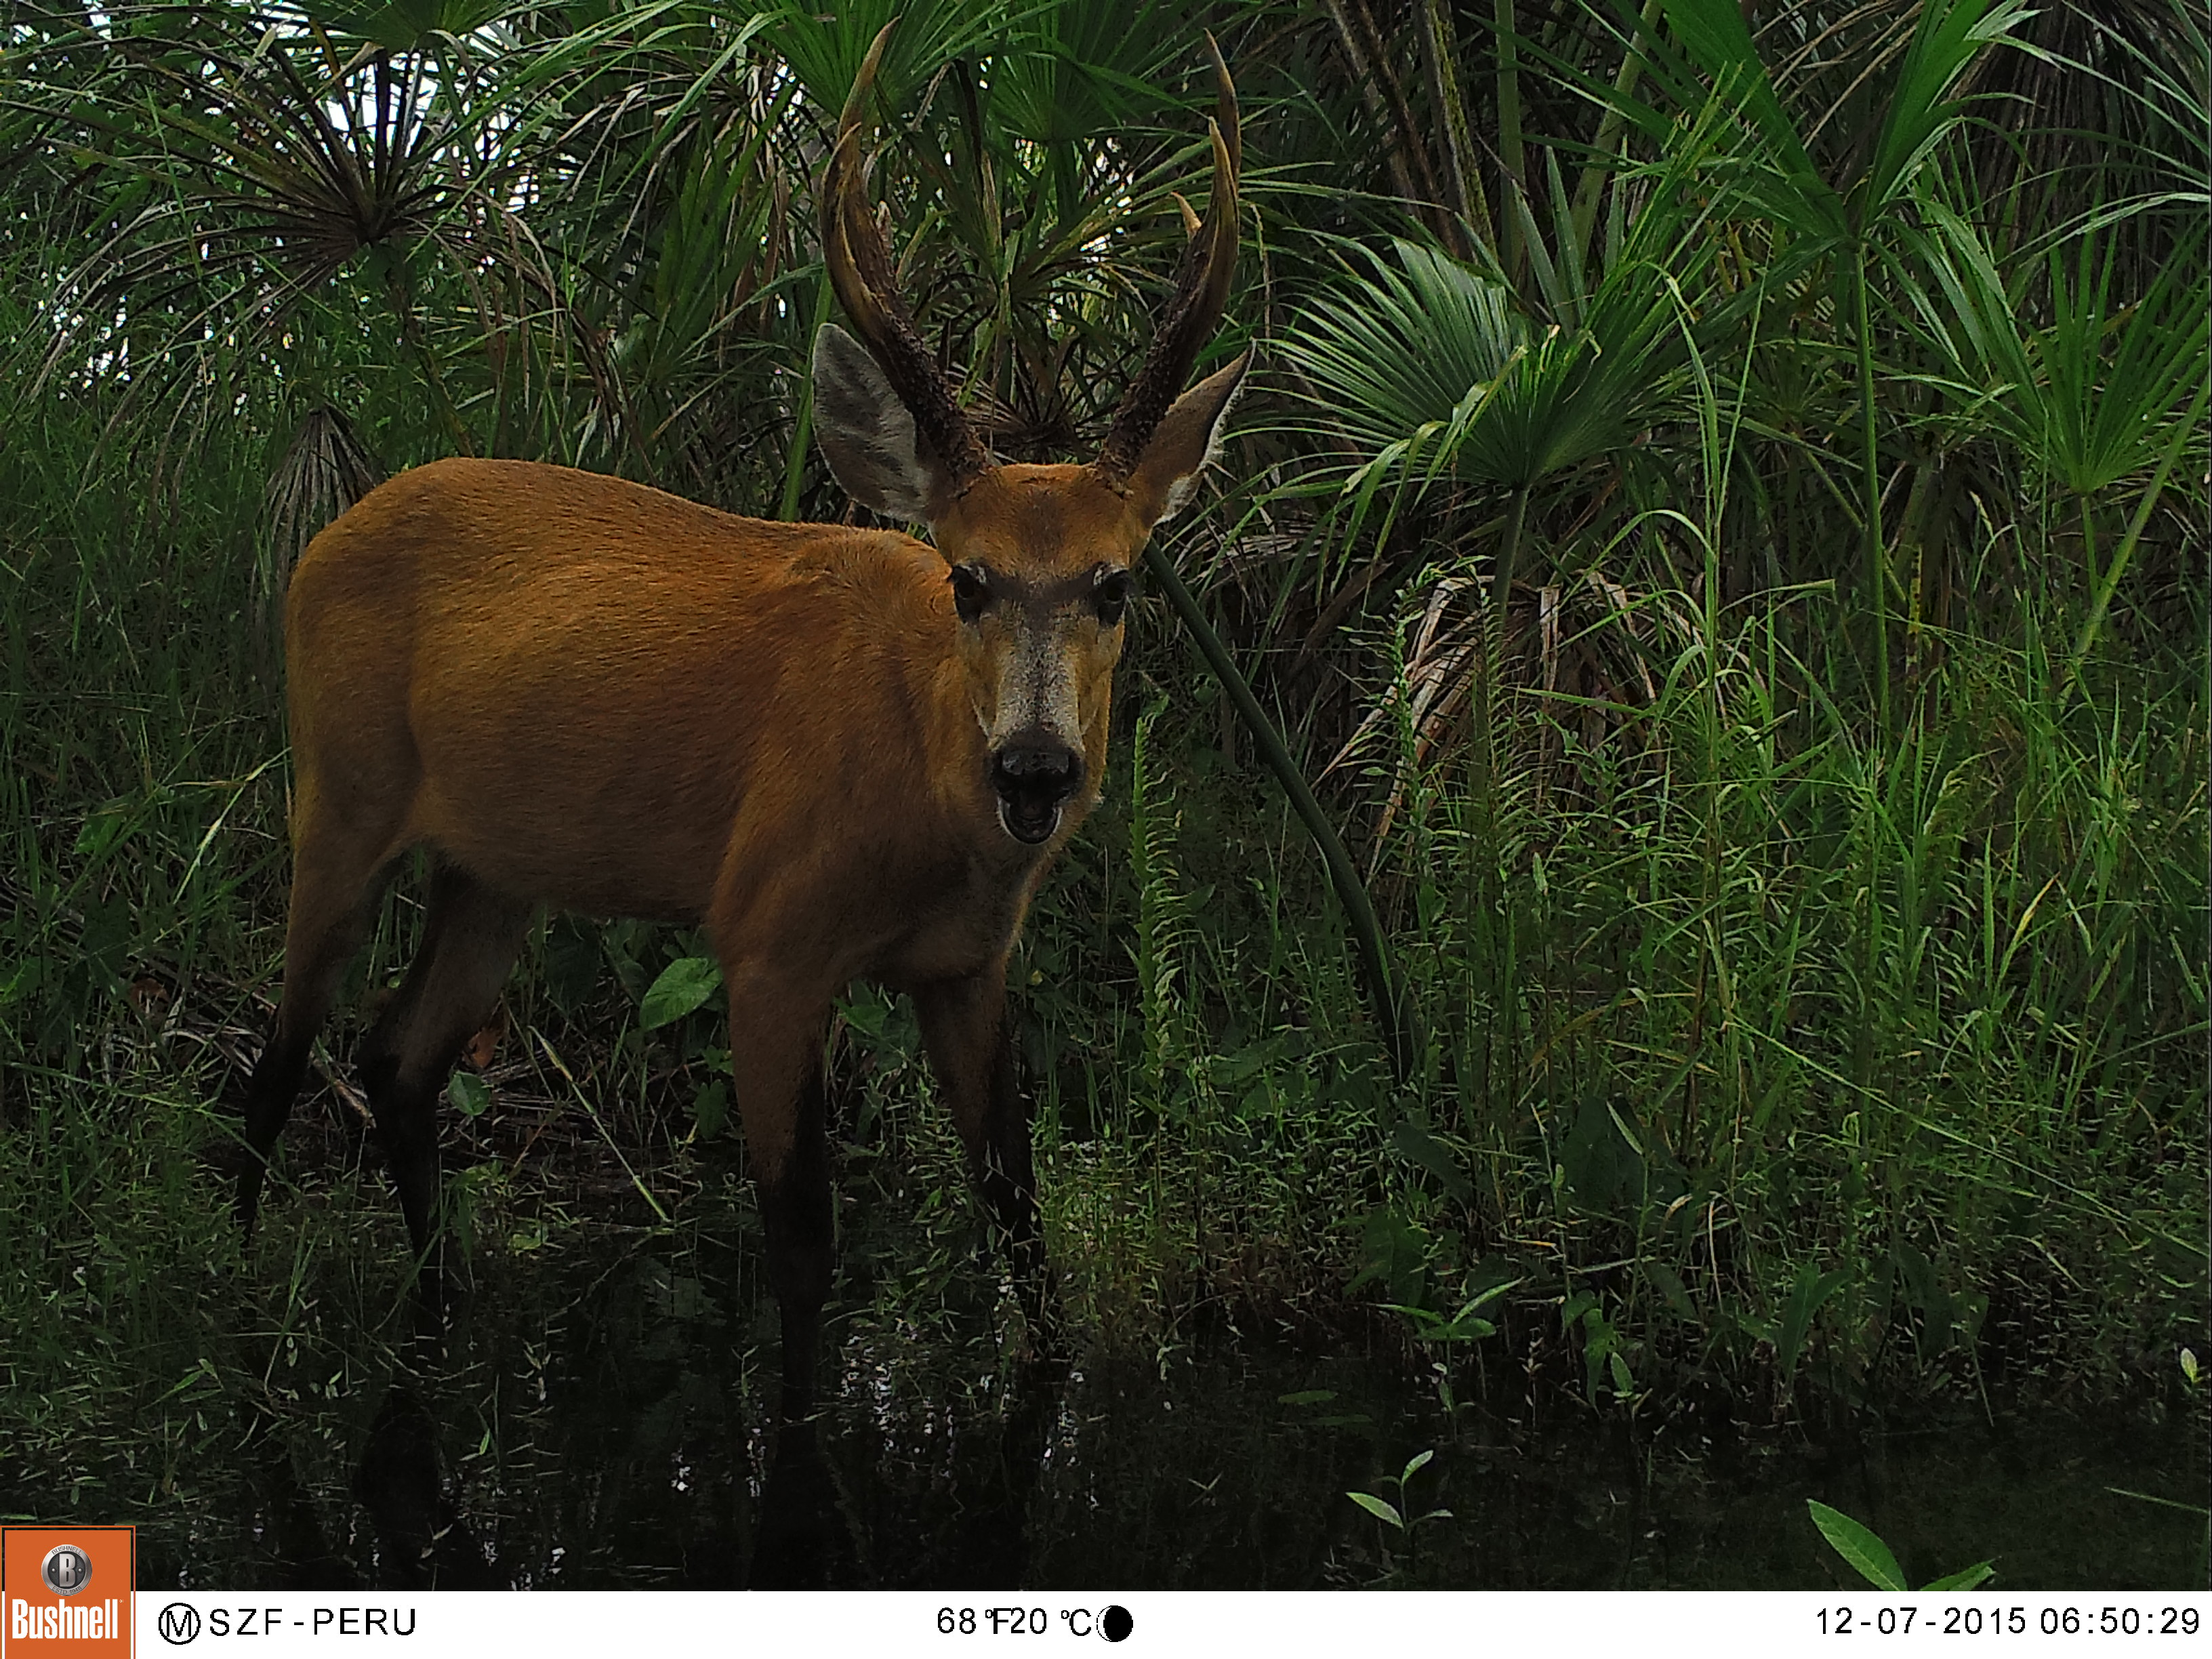 El ciervo de los pantanos, un mamífero que habita en las Pampas de Heath. Foto: FZS Perú.